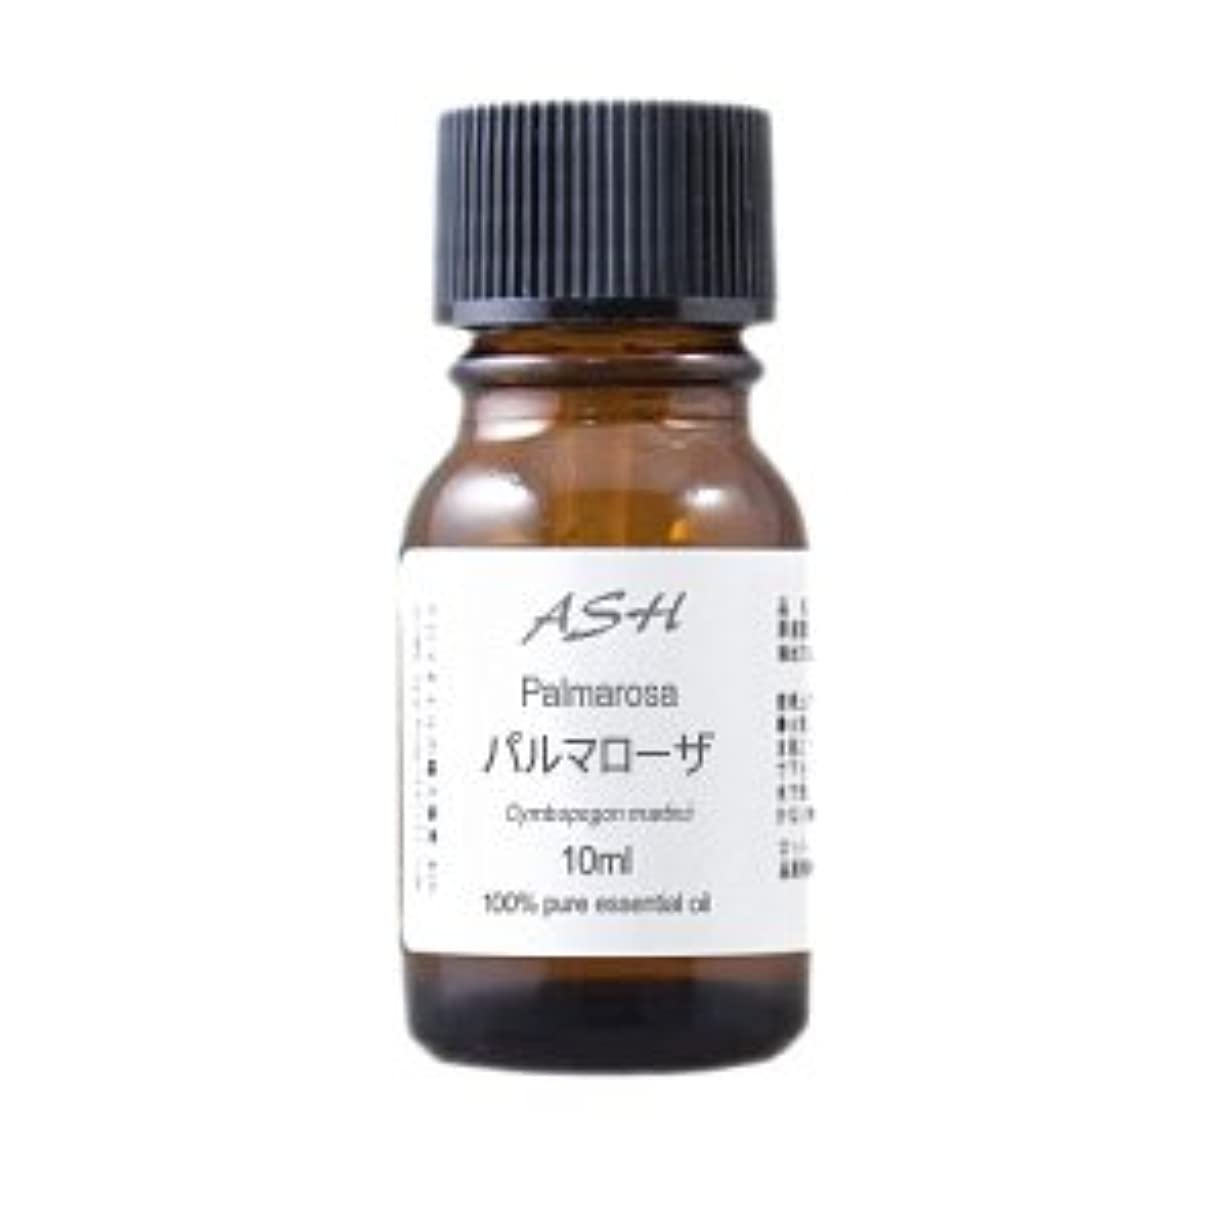 消費するラップ不安定ASH パルマローザ エッセンシャルオイル 10ml AEAJ表示基準適合認定精油